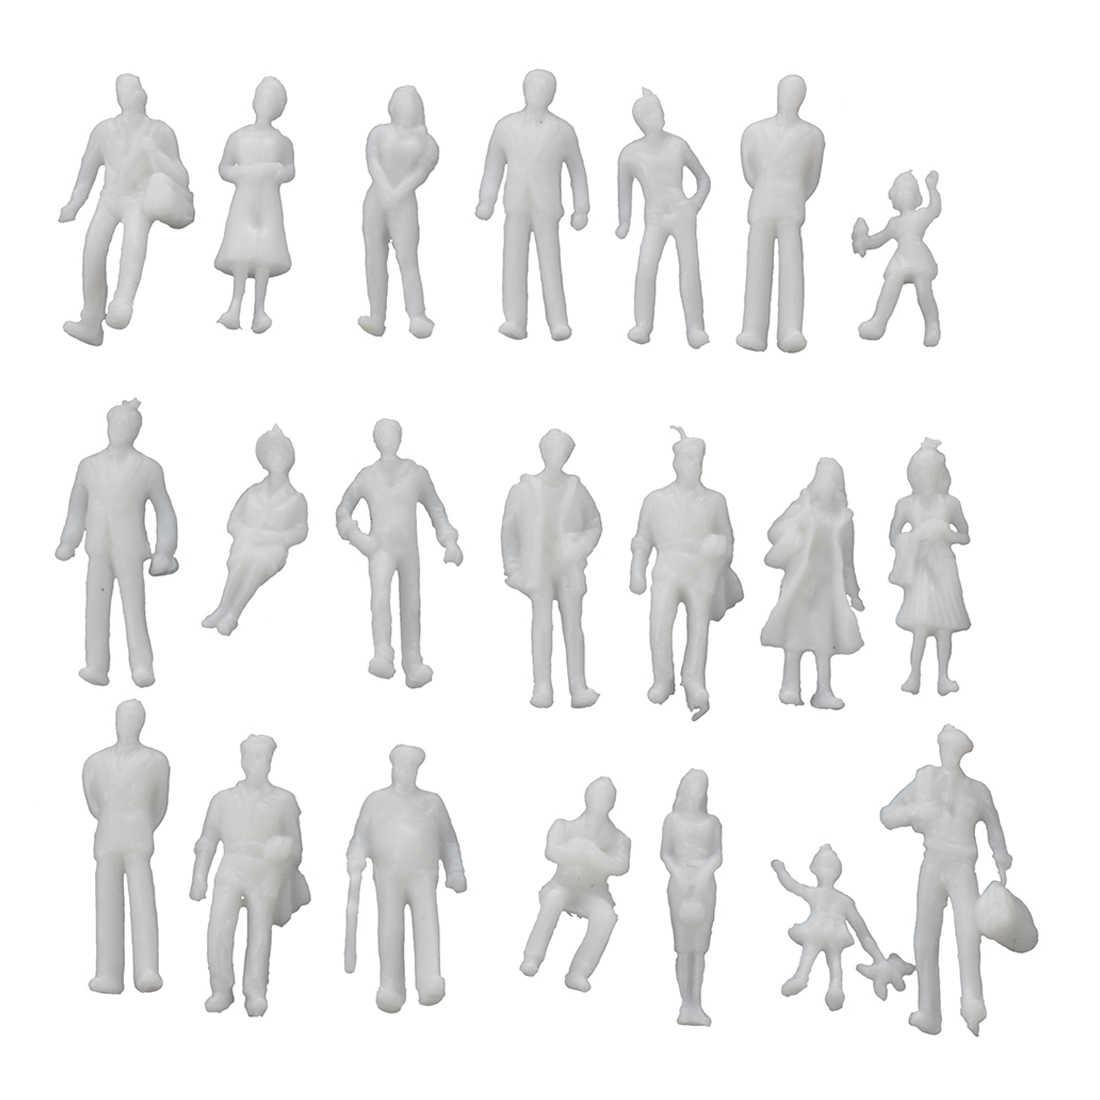 100 sztuk model pociągu ludzie figurki skala HO TT (1 do 100), różne style, świetne kolekcje-jasnoszary